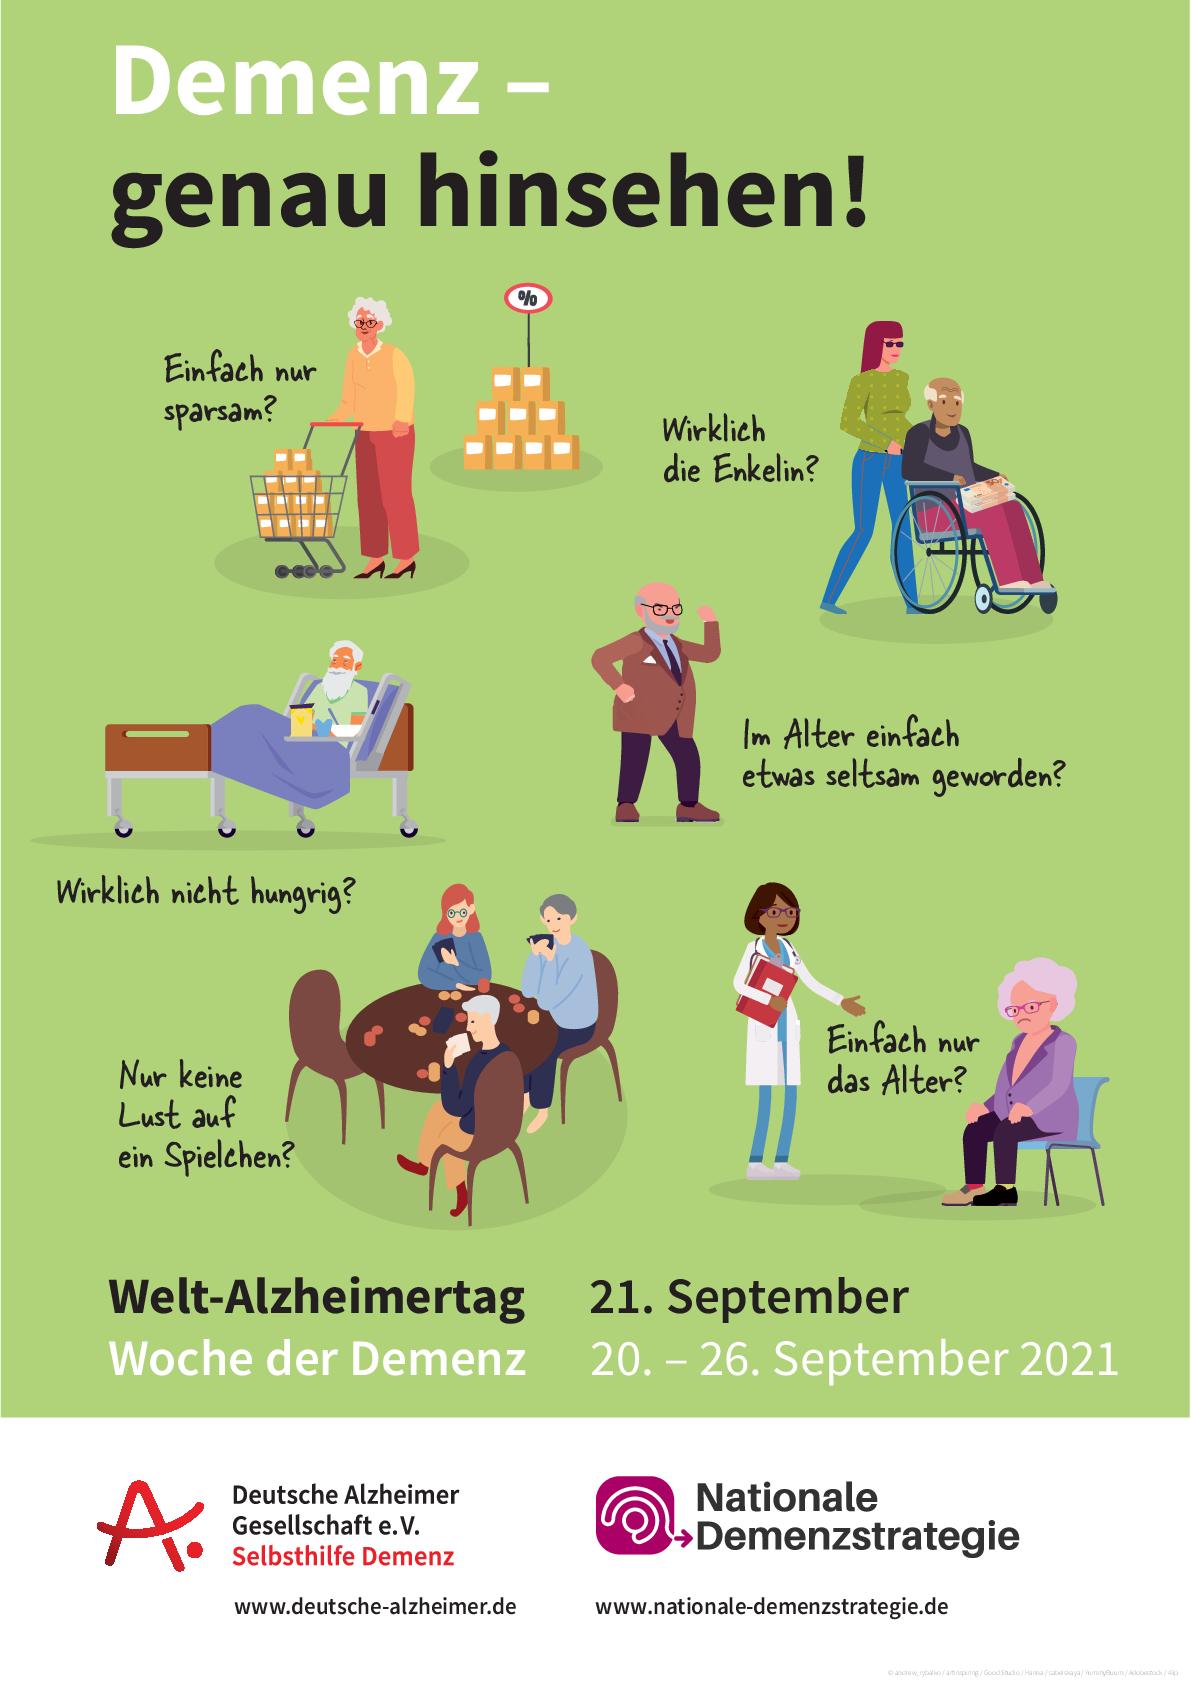 Welt-Alzheimertag am 21. September und Woche der Demenz 1